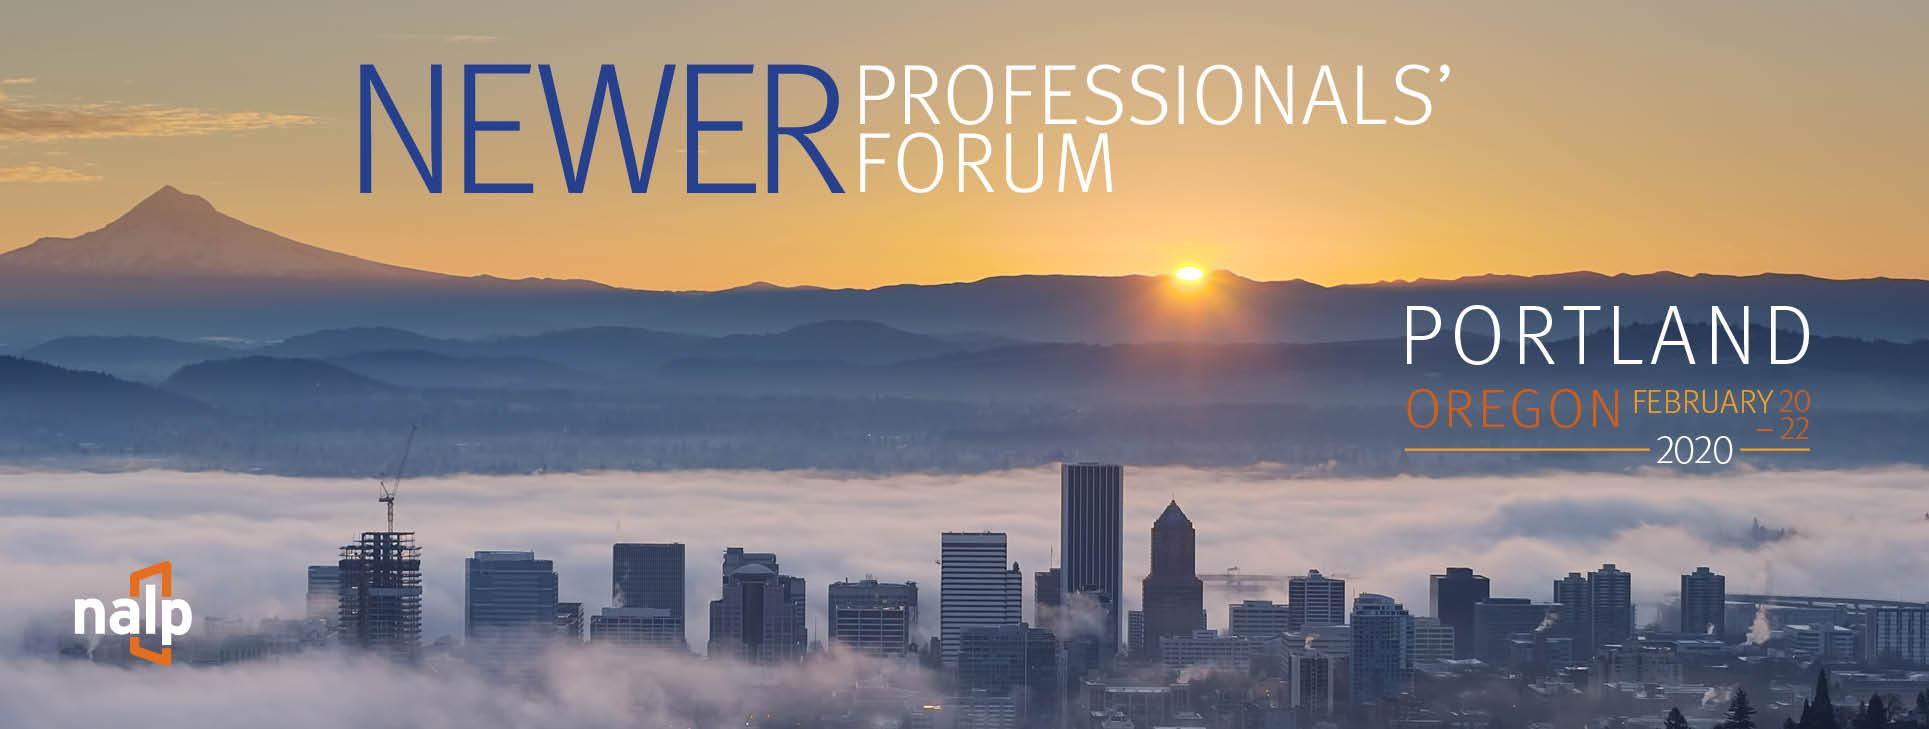 2020 NALP Newer Professionals' Forum